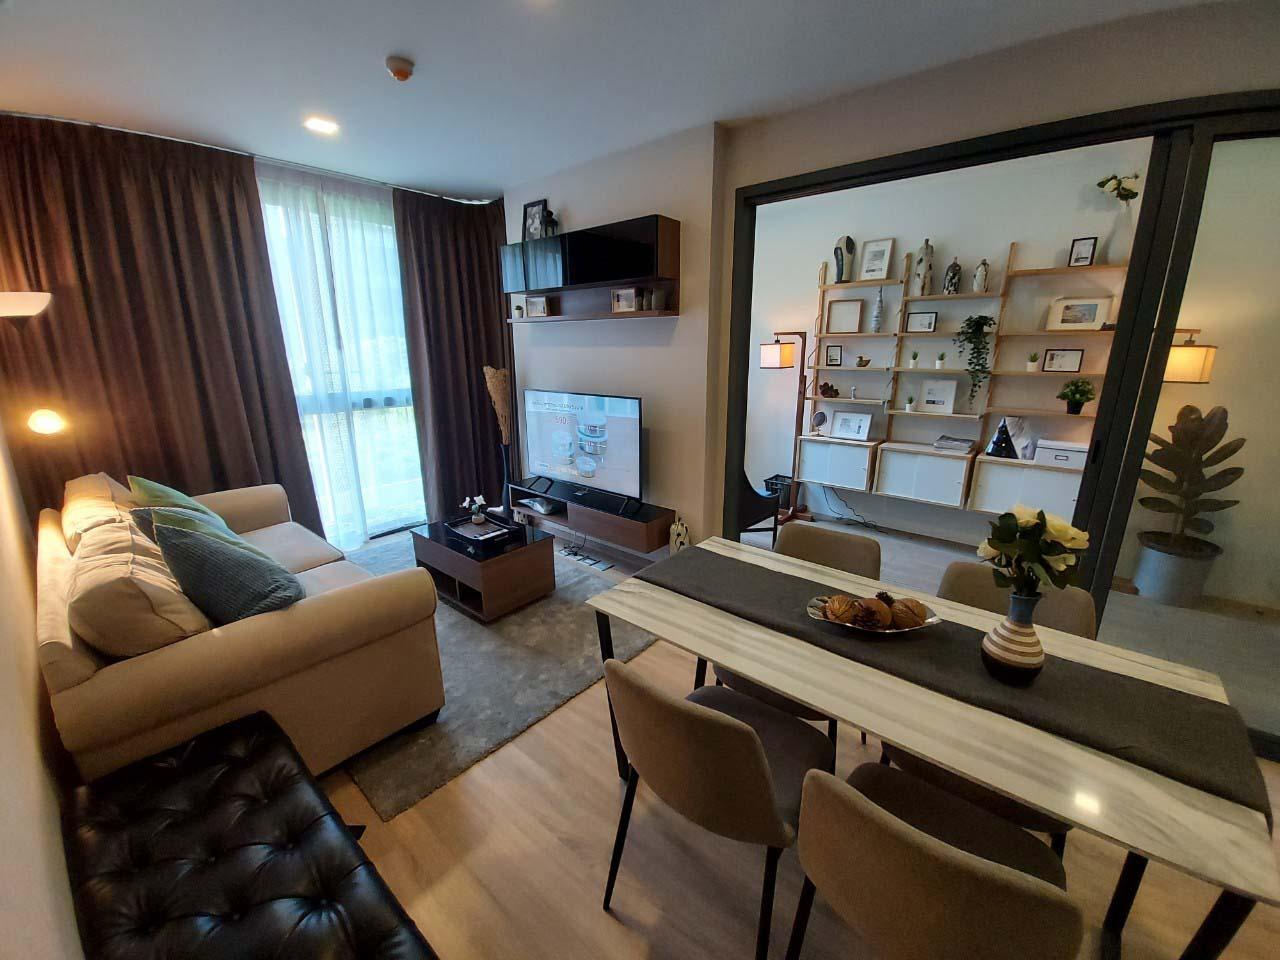 ภาพTaka Haus Ekkamai - Brand New Beautifully Furnished 2 Bedroom Corner Unit / Ready To Move In